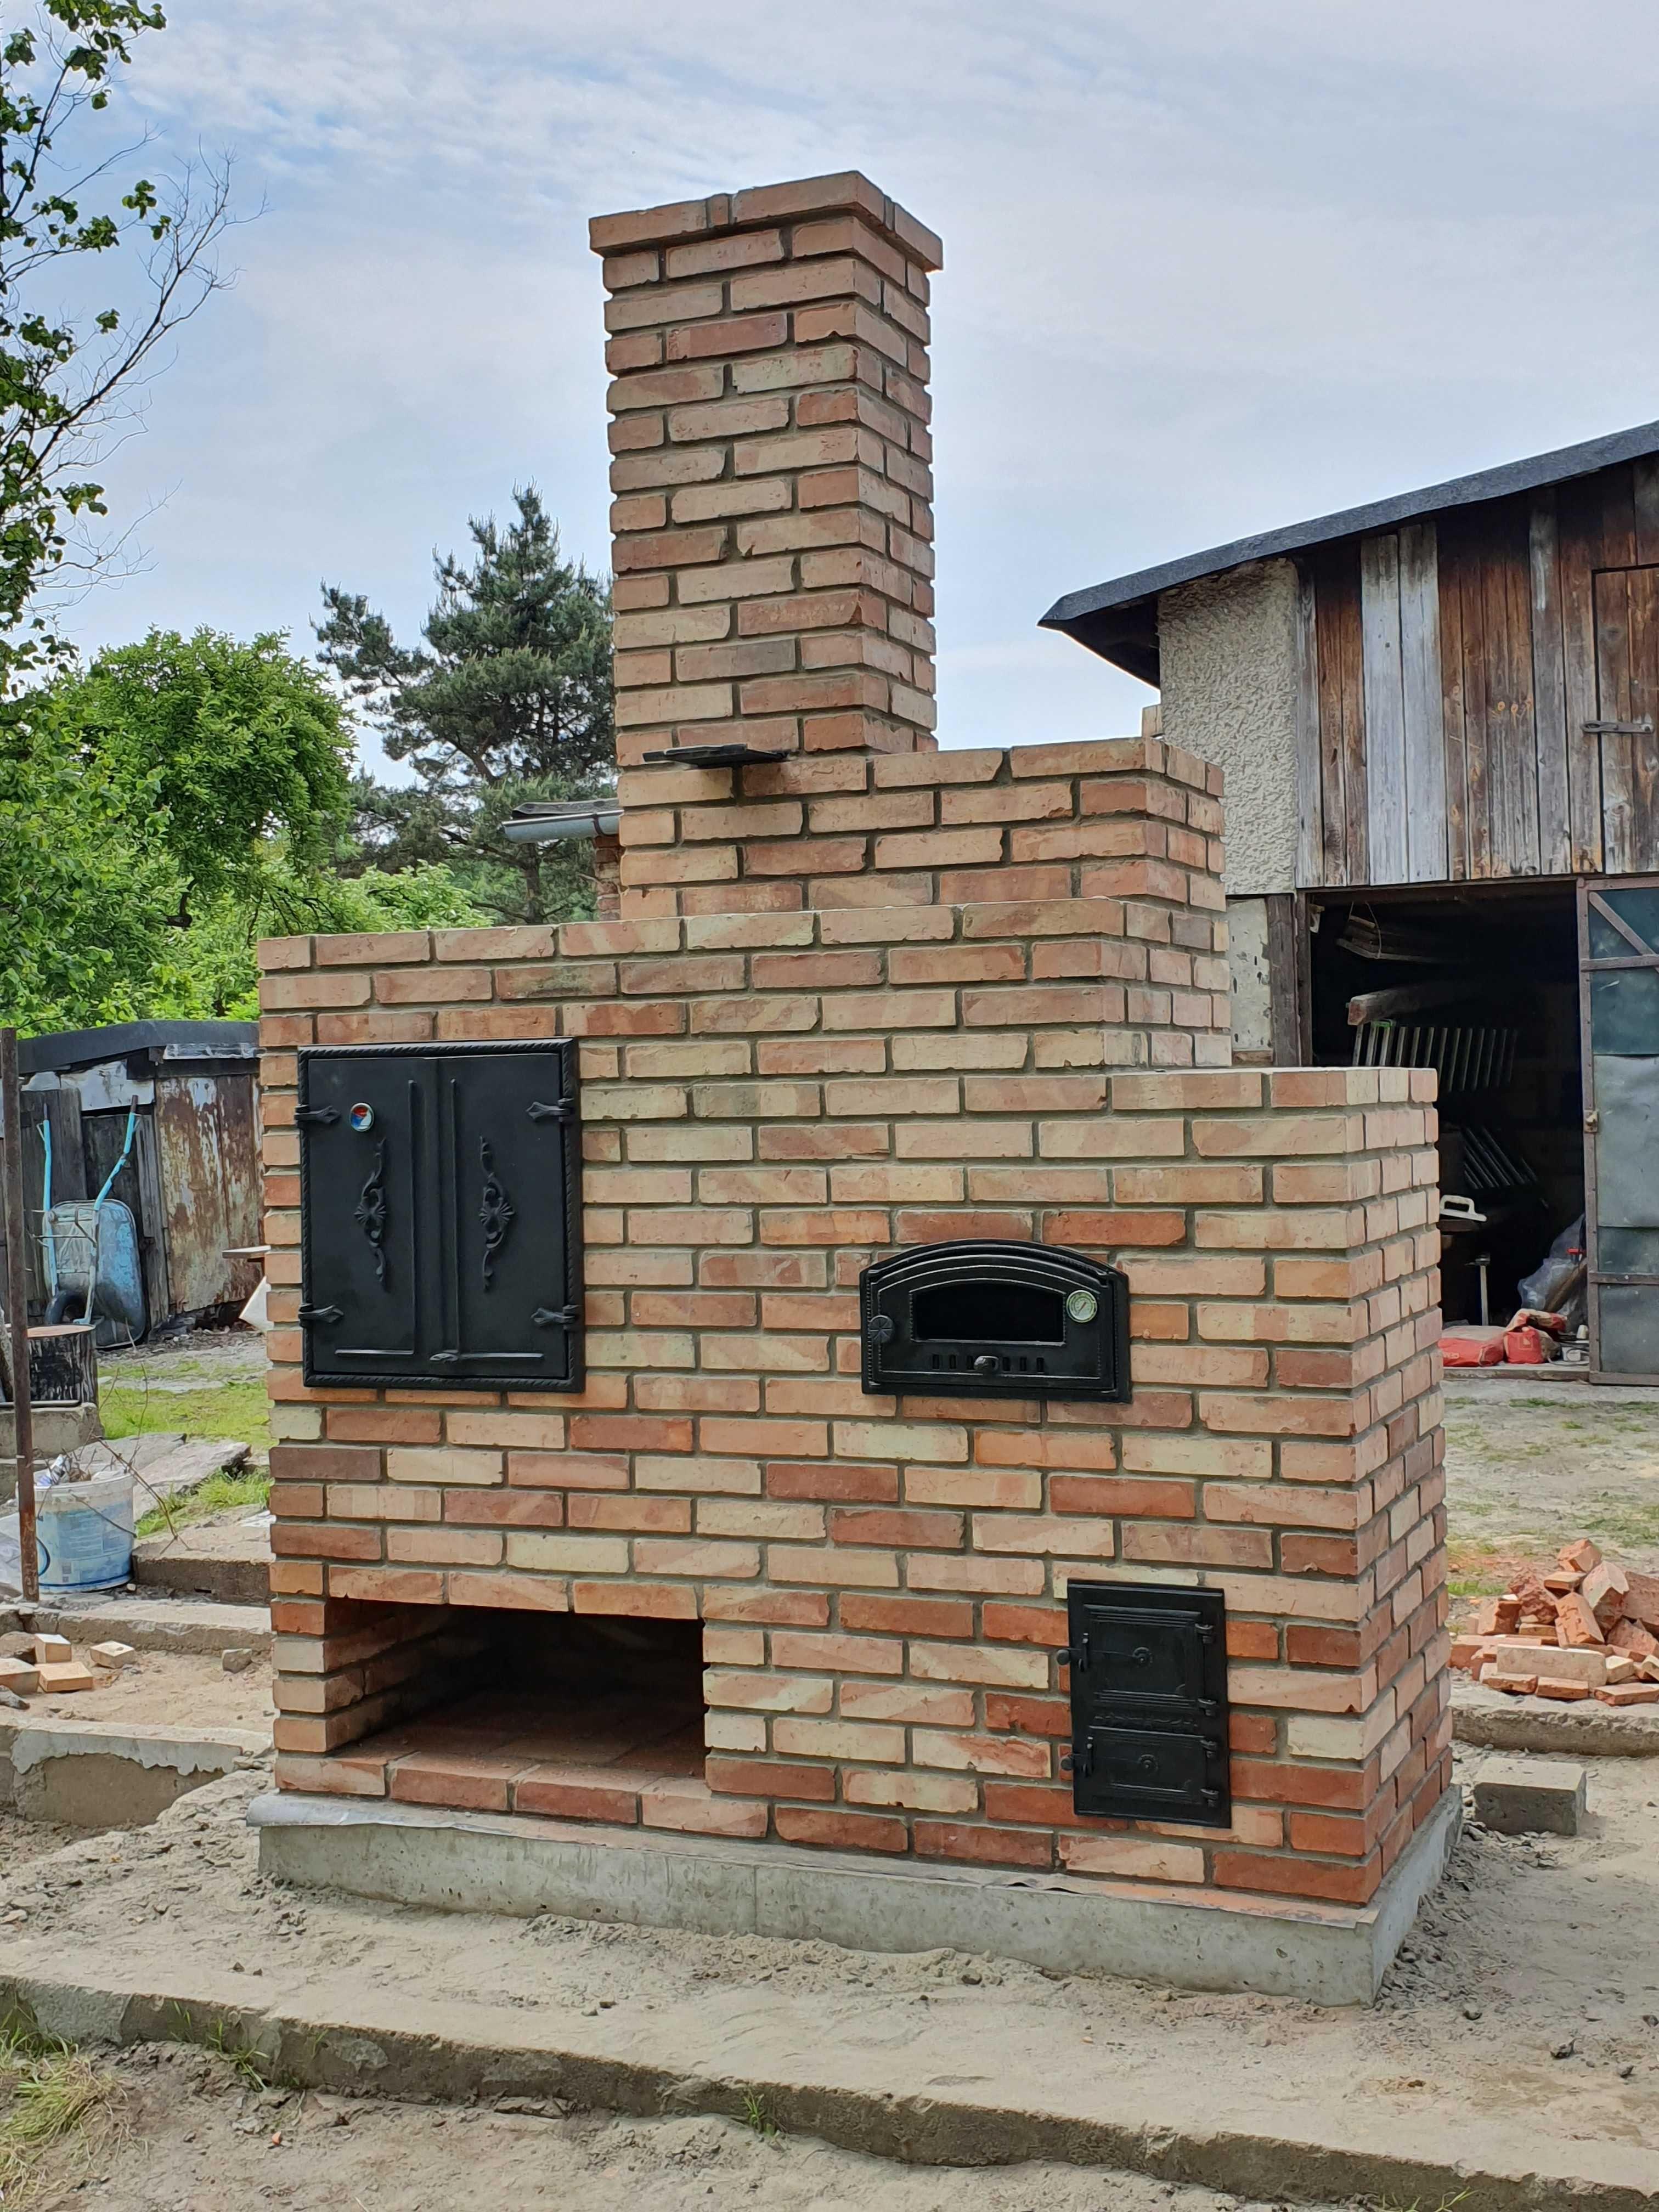 Grill Murowany Z Cegly Wedzarnia Piec Pizza Kuchnia Ogrodowa Gliwice Bojkow Olx Pl Outdoor Decor Patio Fireplace